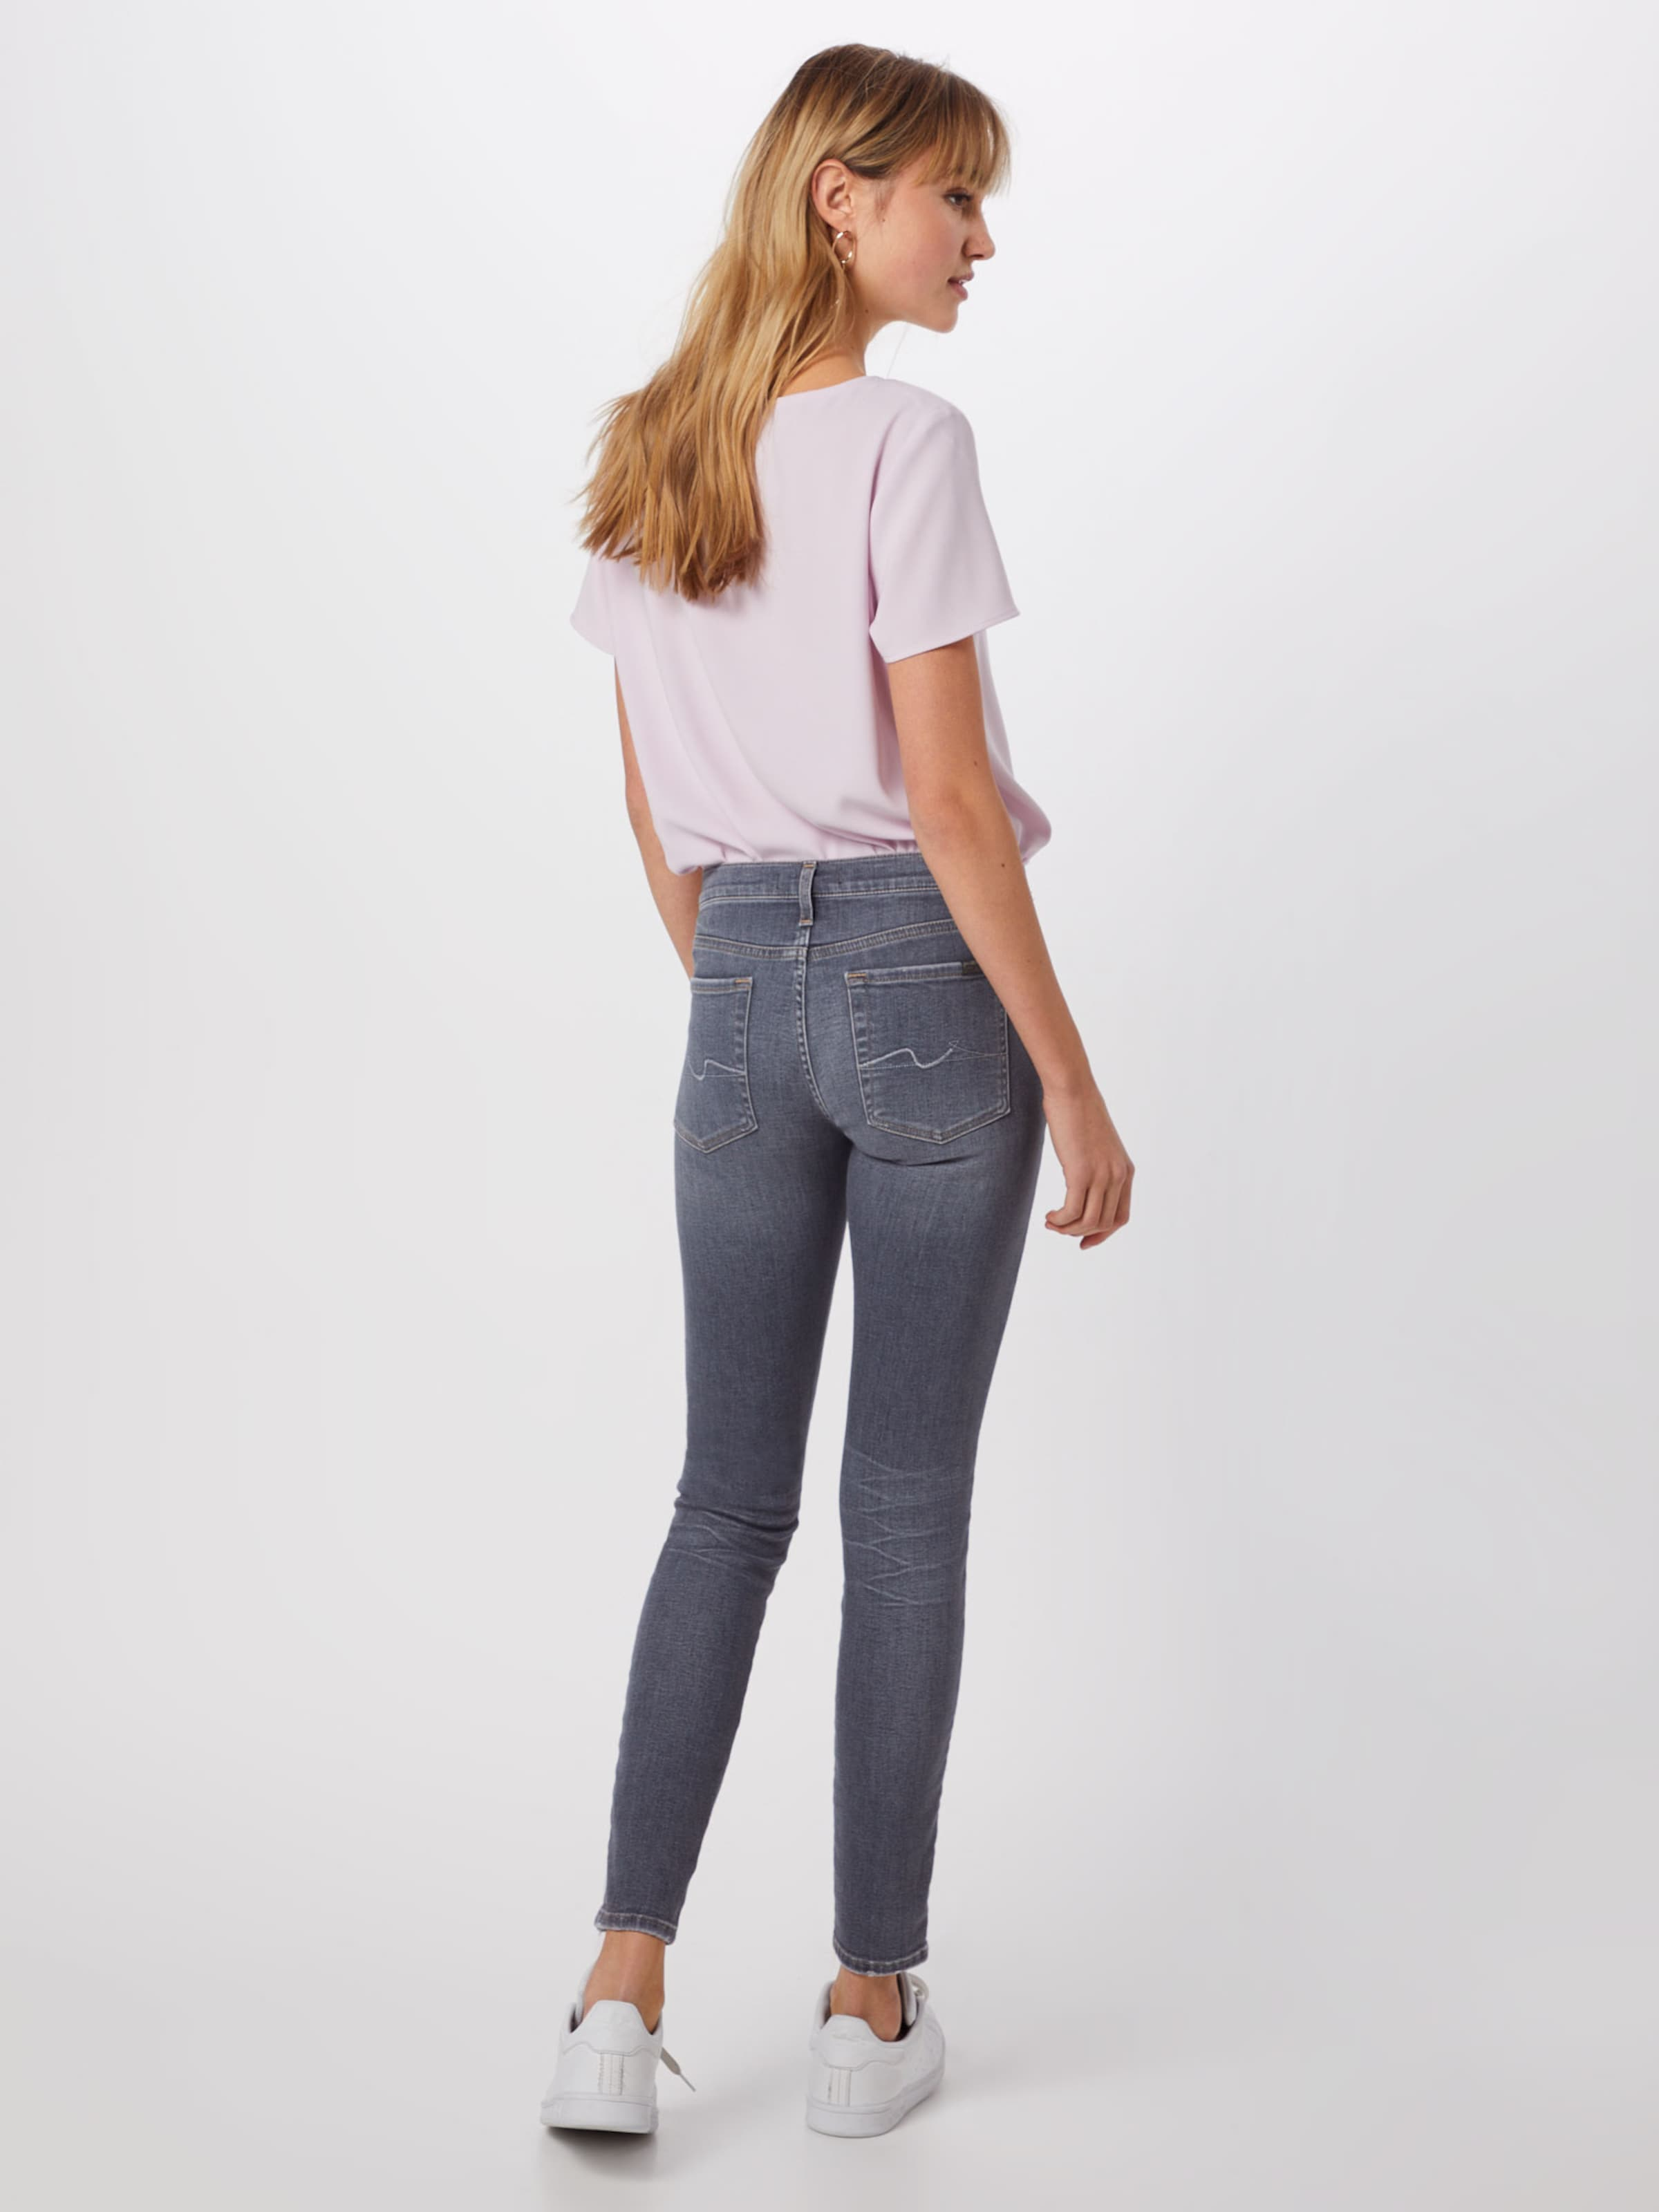 Mankind 7 In For Denim' Jeans Denim All 'skinny Grey wiOXTkPZu